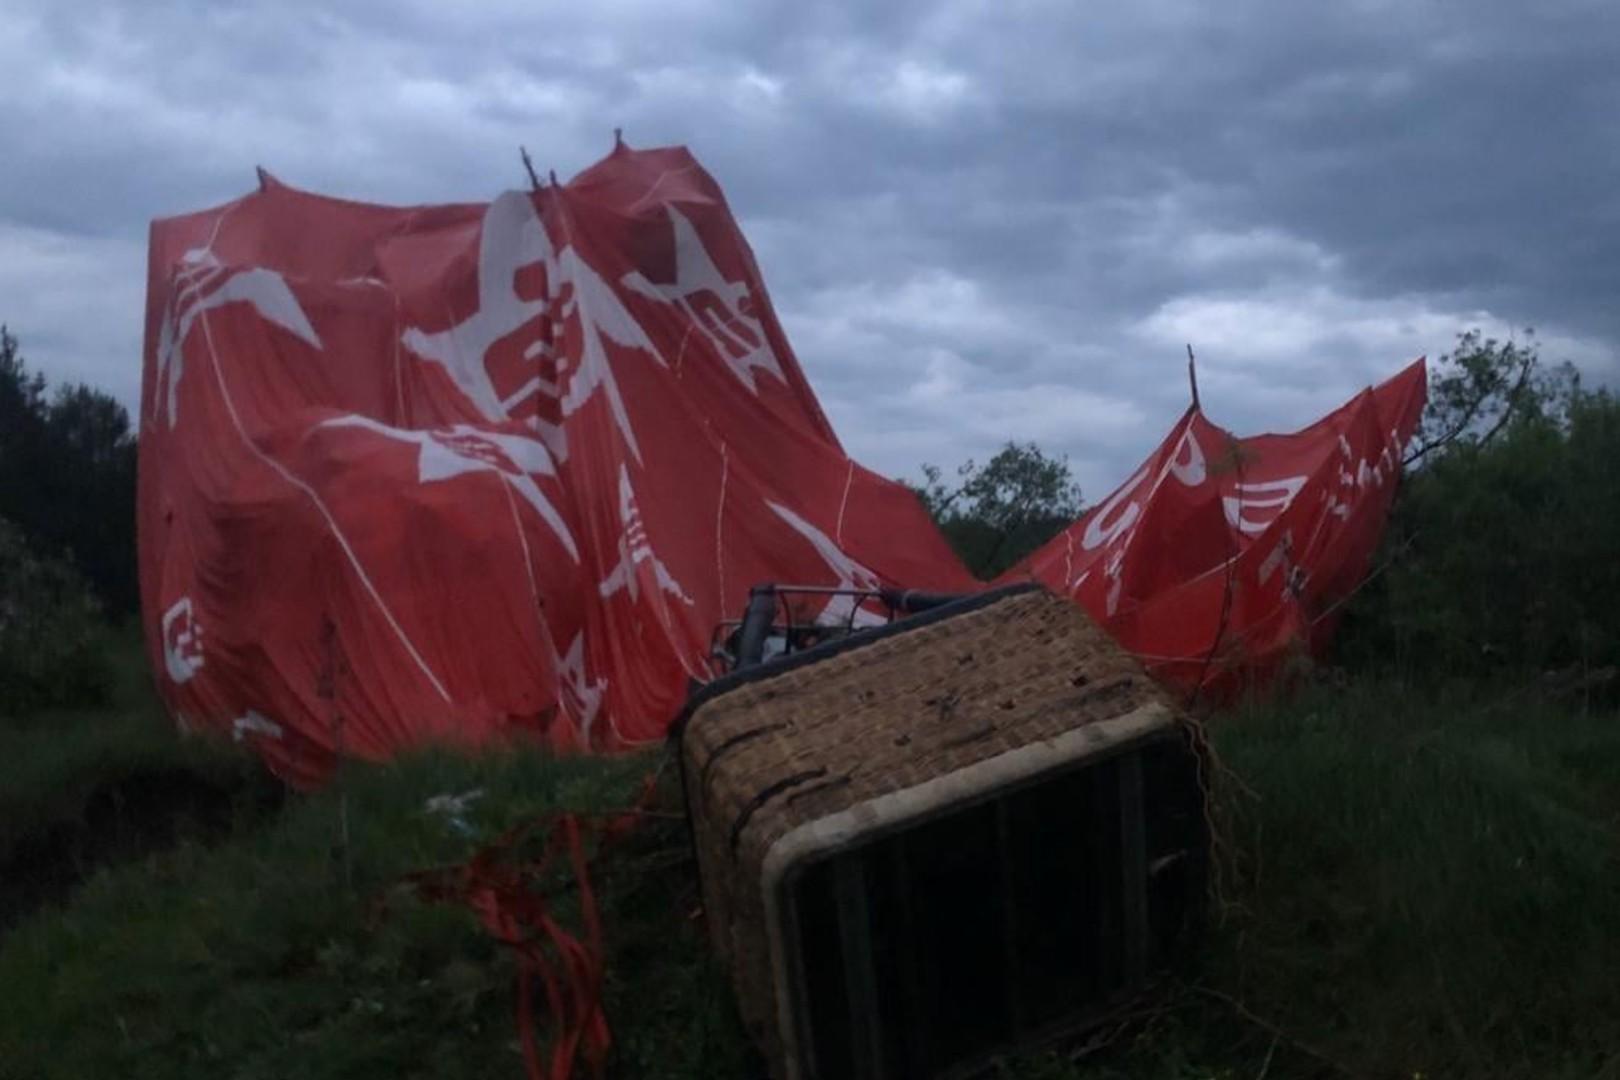 1 osoba nie żyje, wypadek na festiwalu balonowym